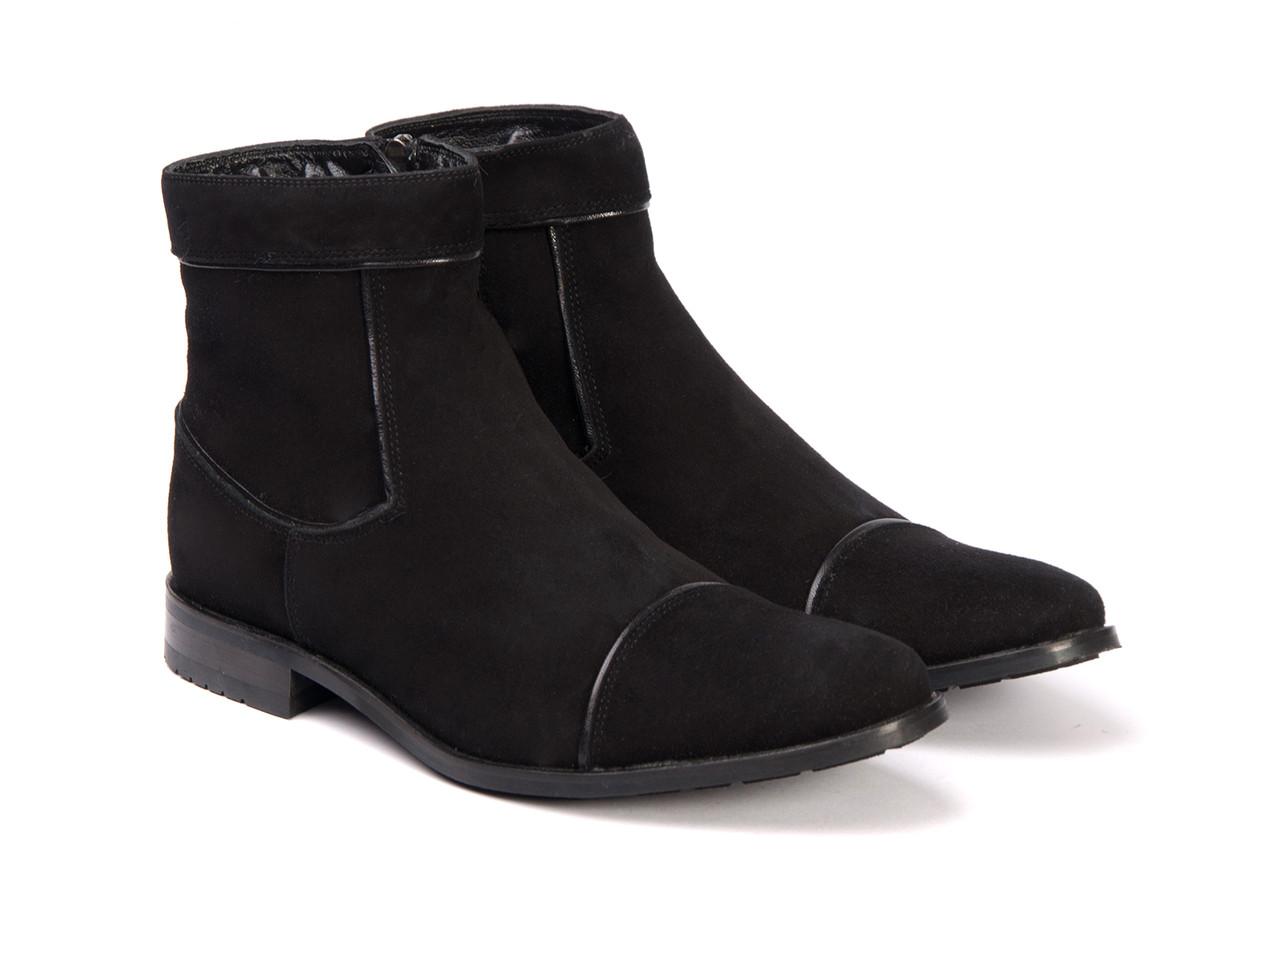 Ботинки Etor 9983-5377 черные